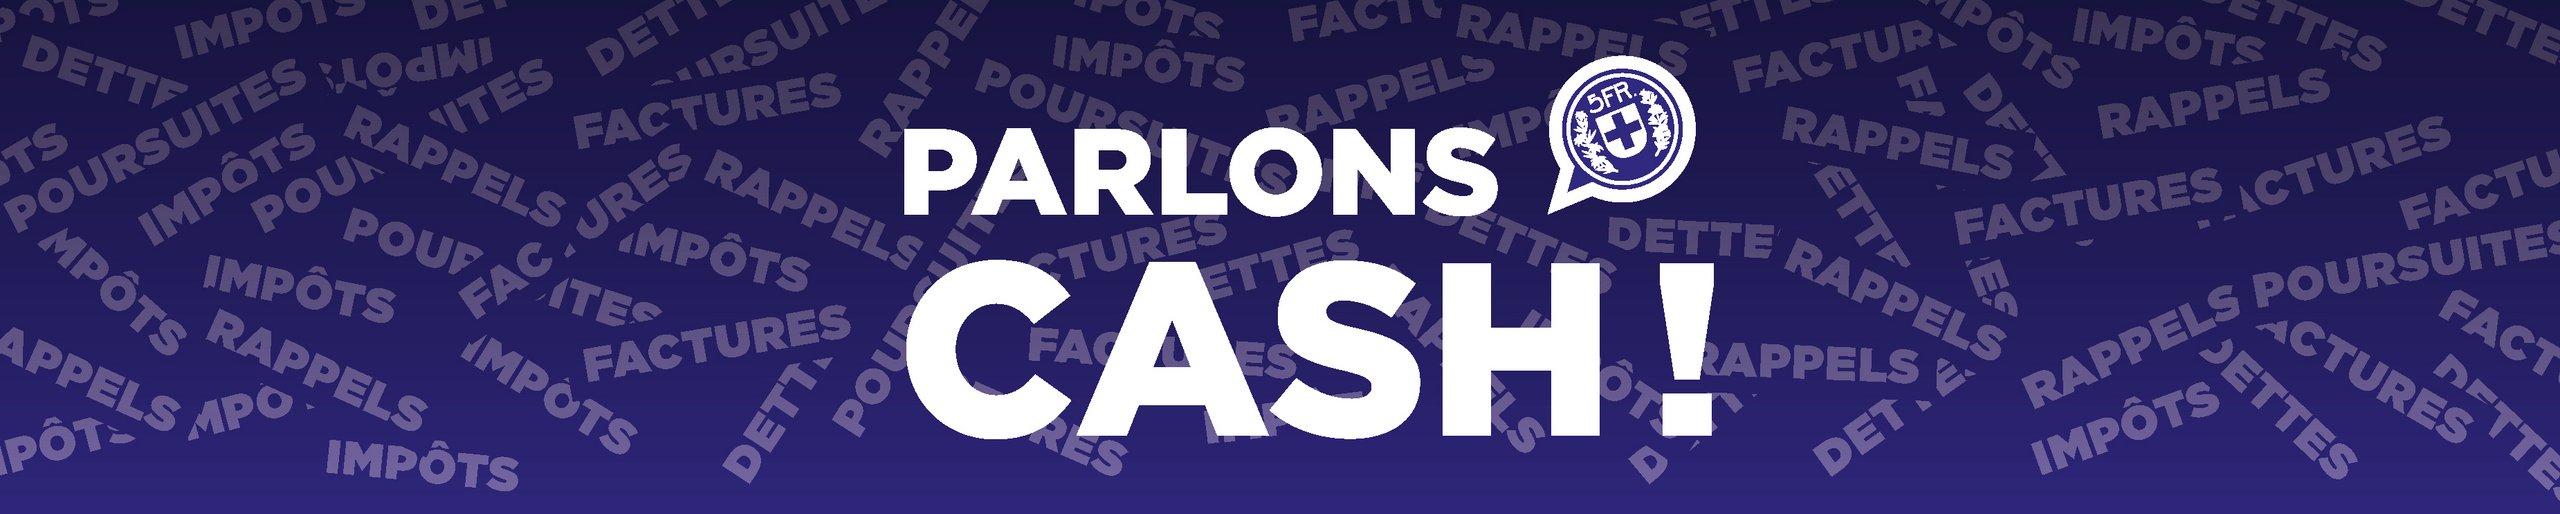 Parlons cash: dettes et surendettement